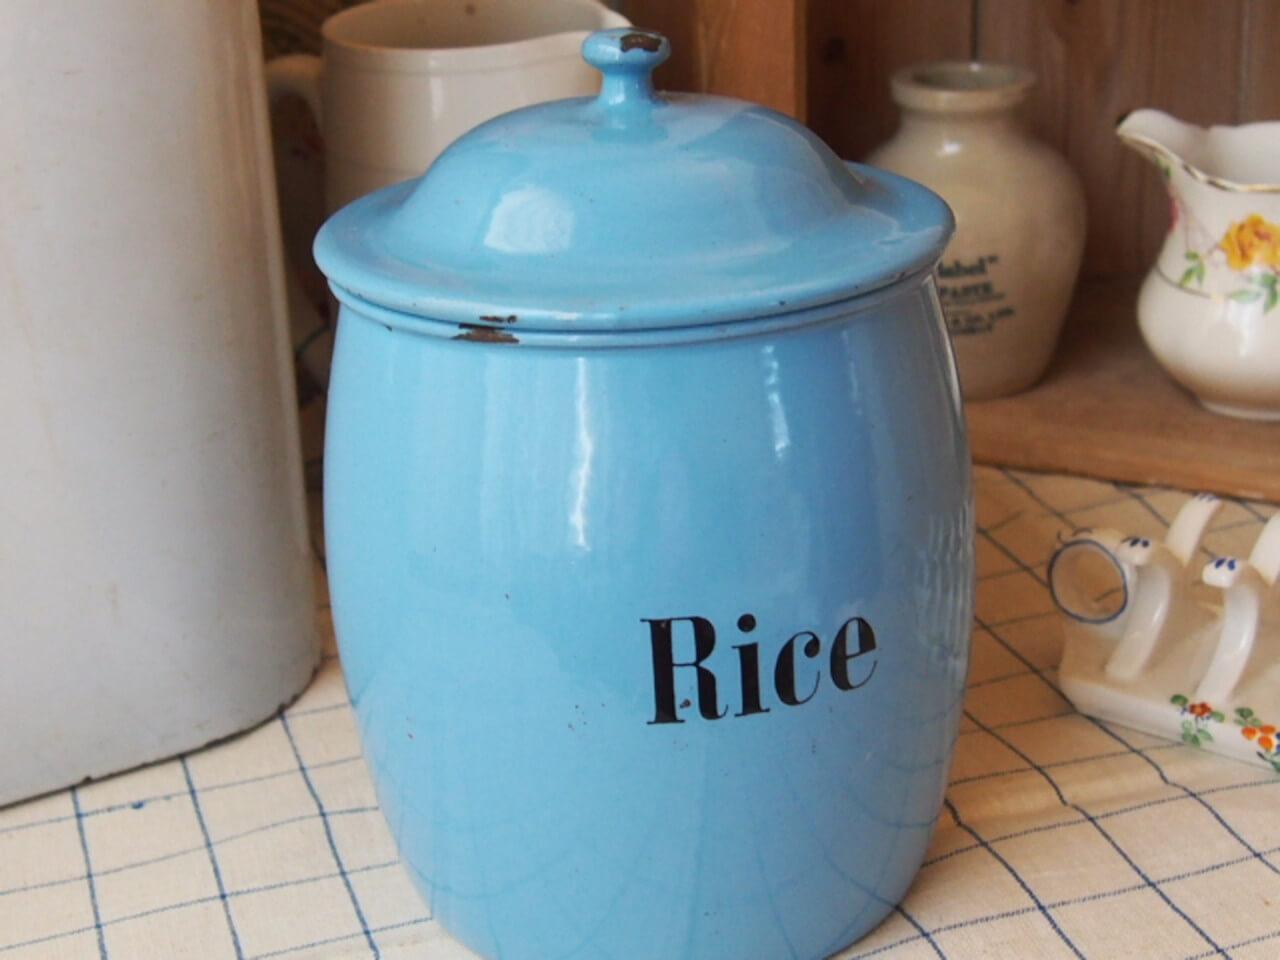 キャニスター(Rice)